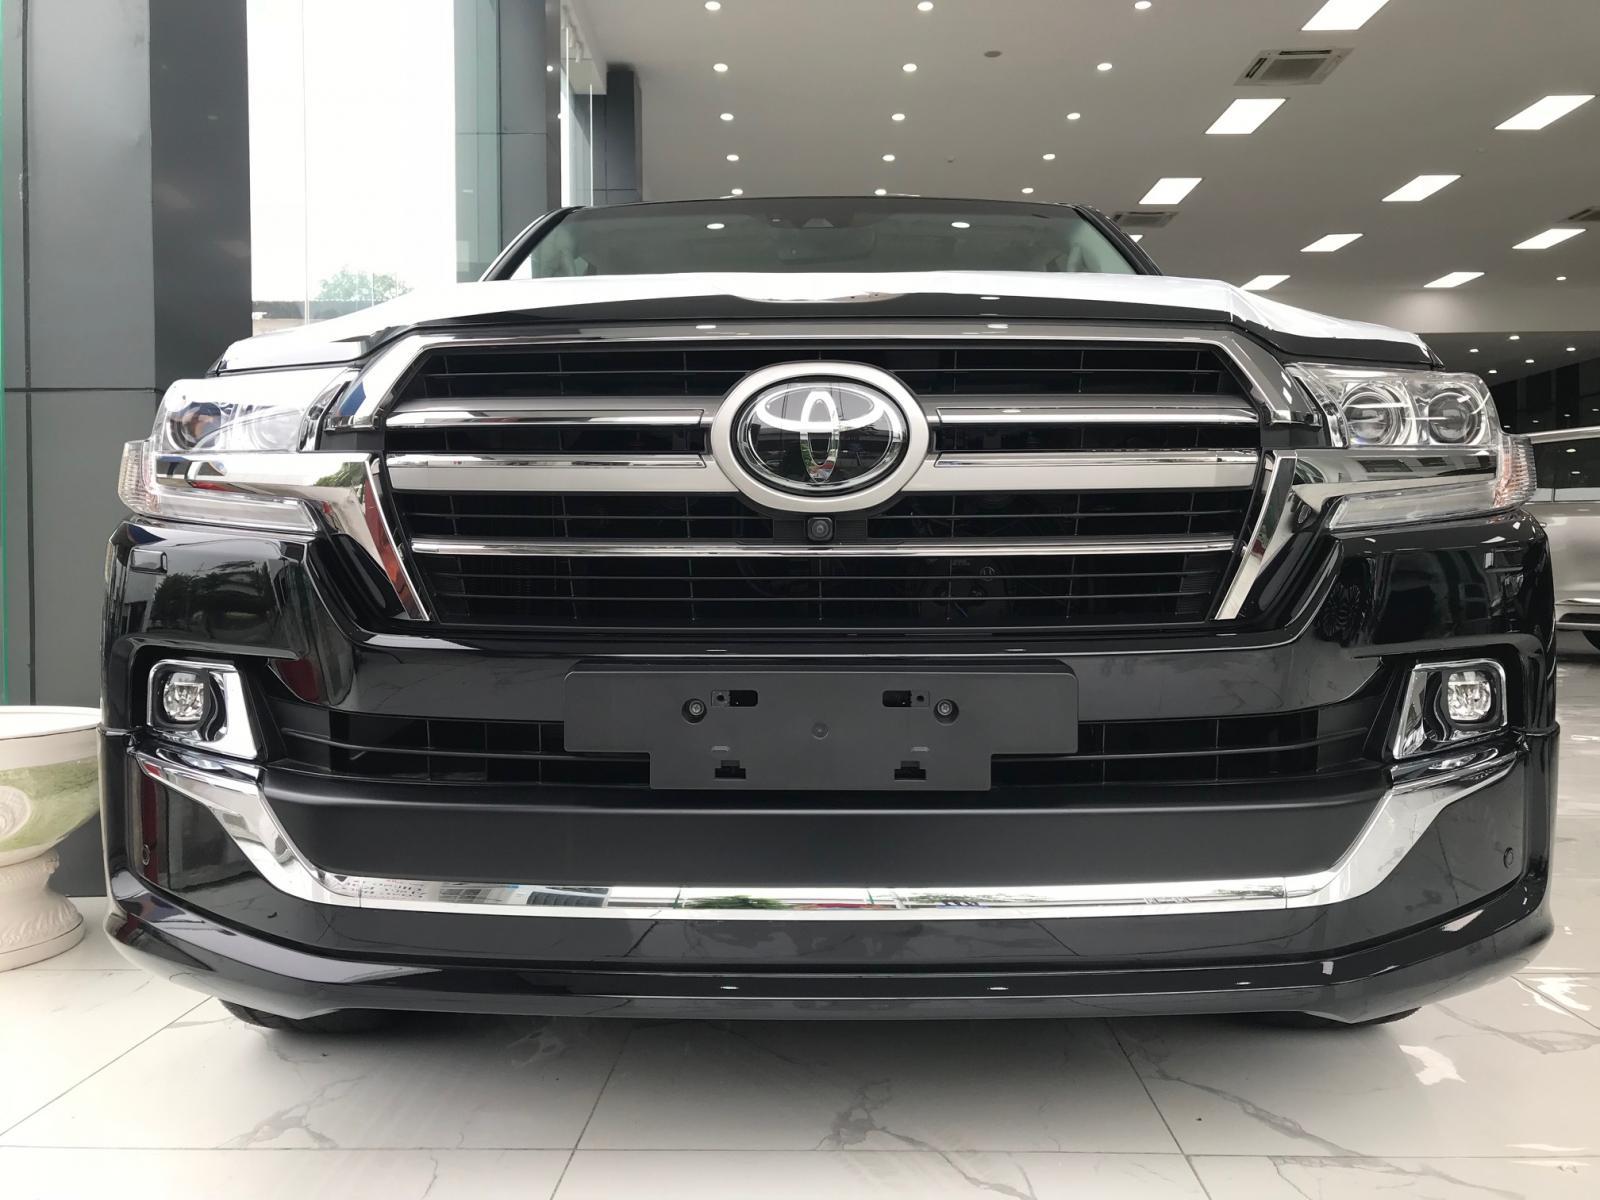 Bán Toyota Landcruiser 5.7V8 VX-S bản Trung Đông nhập mới 100%